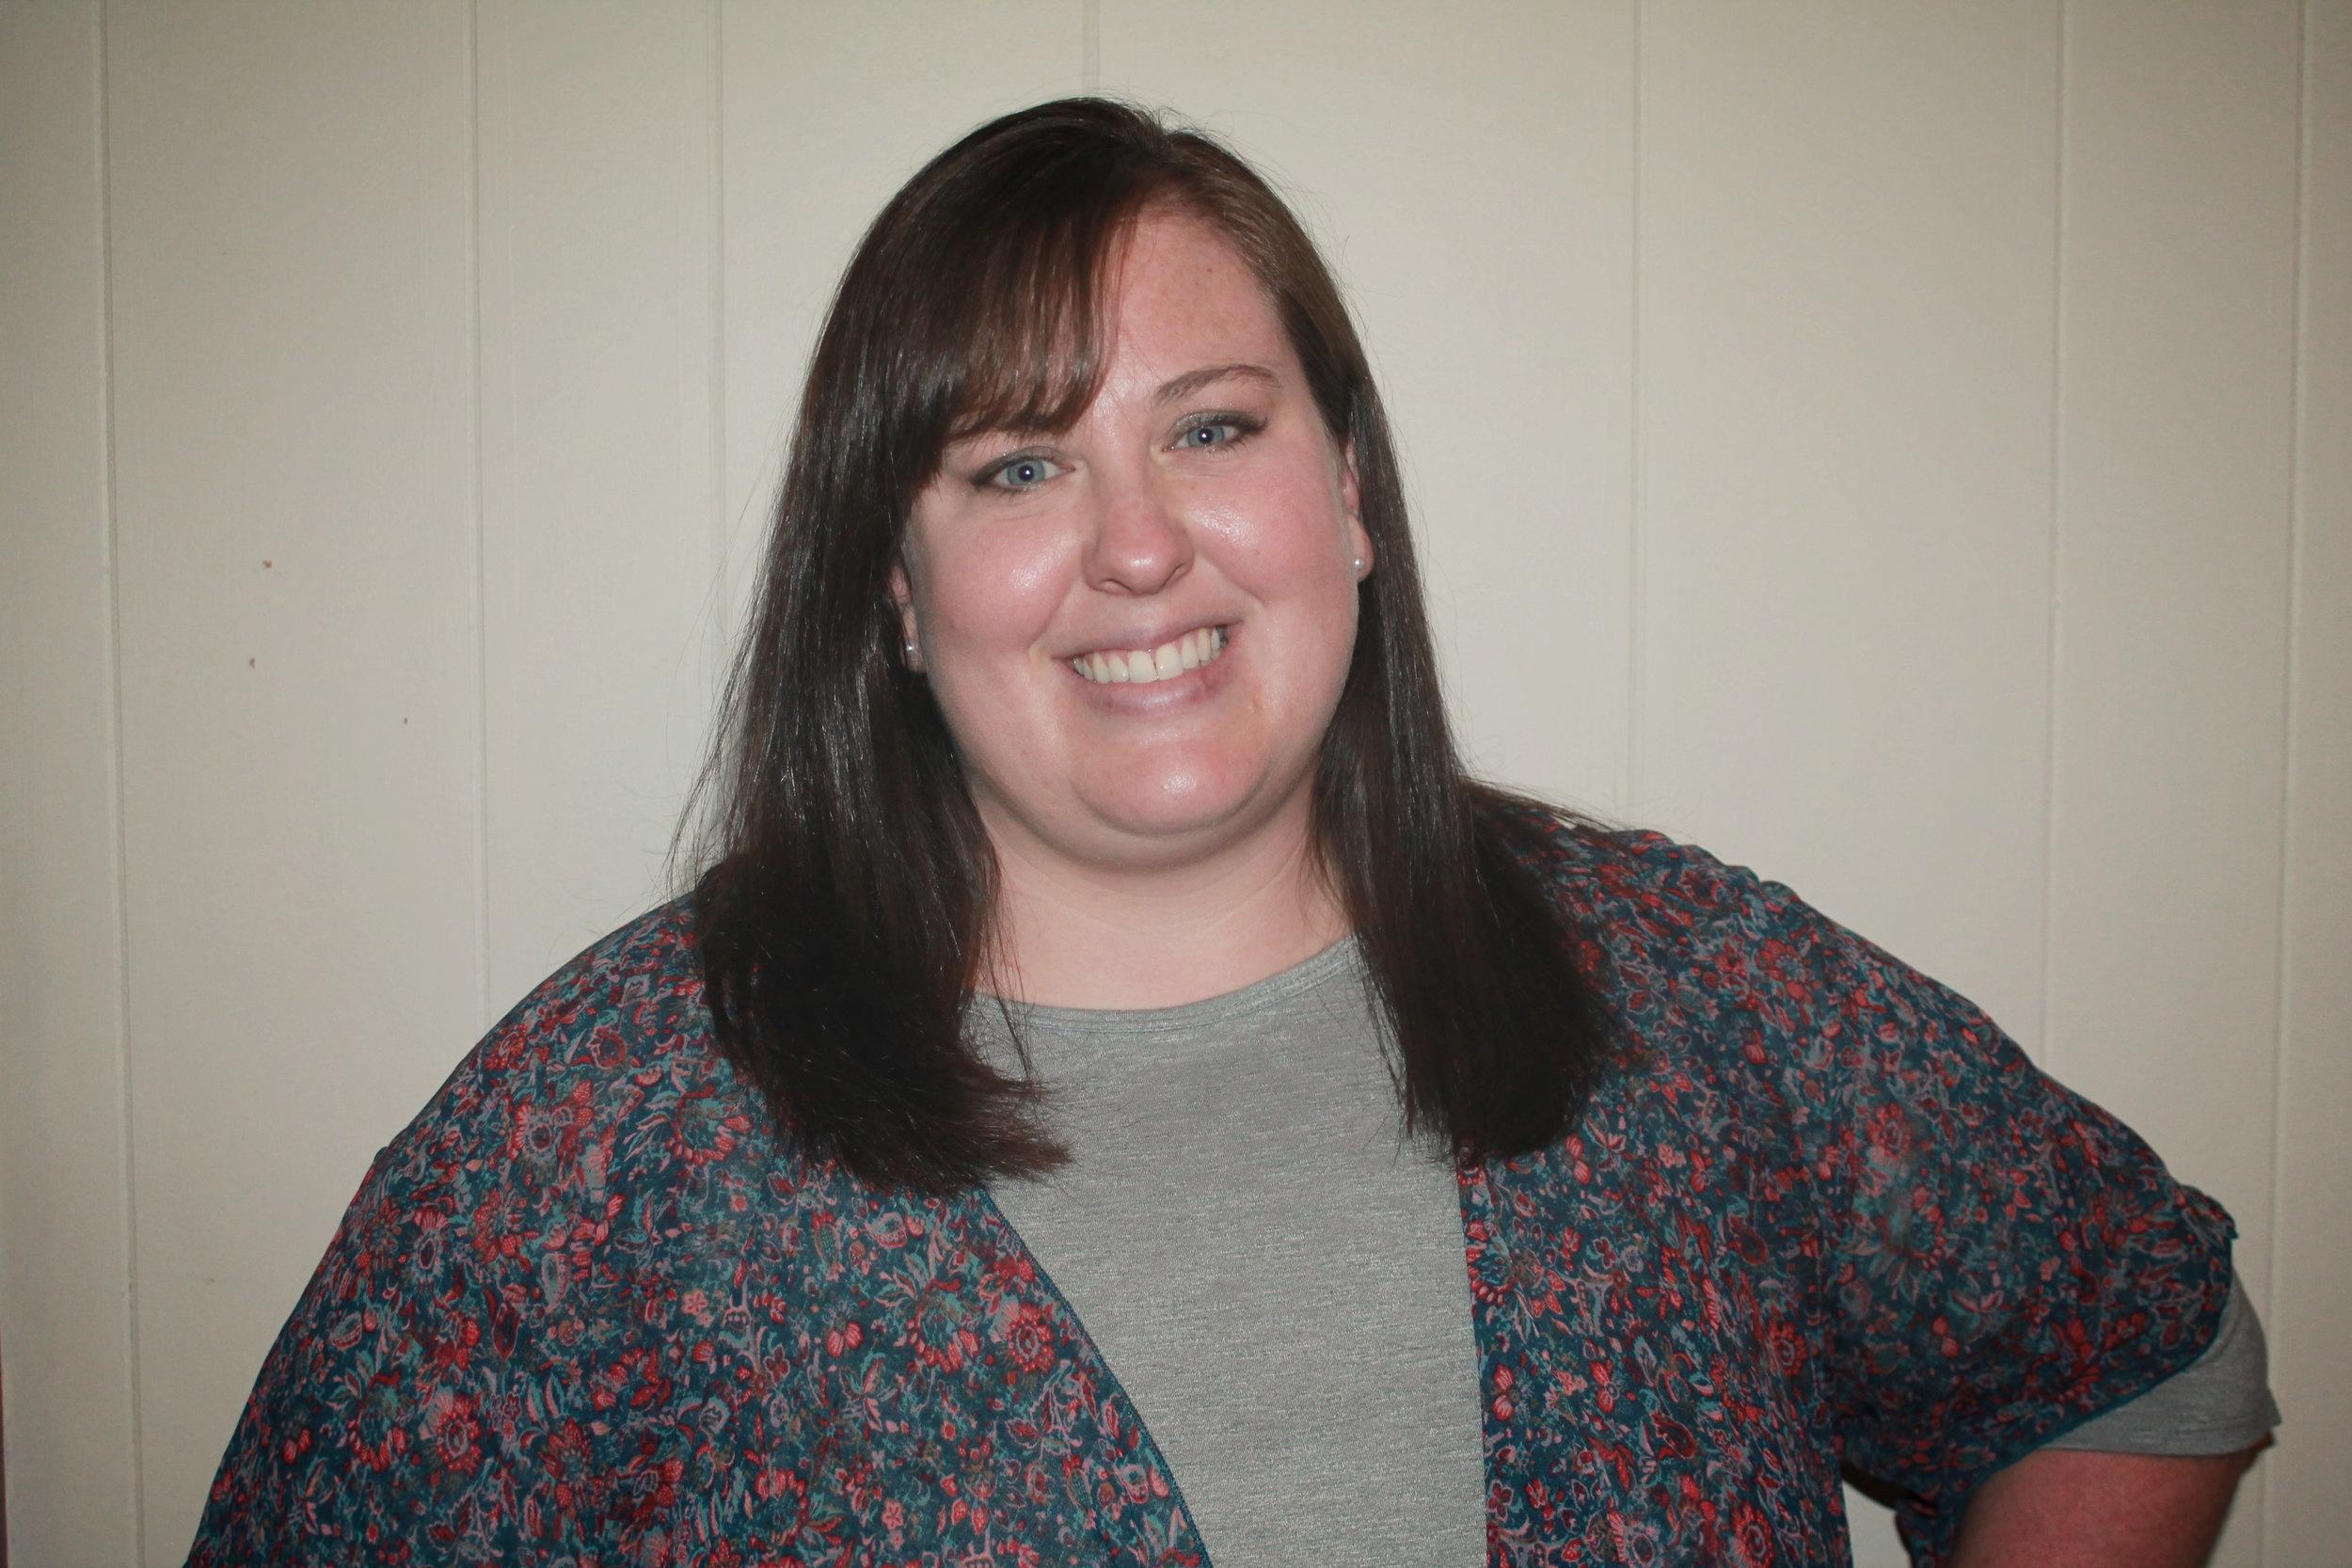 Ashley Hanlon, Postpartum Placenta Specialist, Labor Doula, Postpartum & Infant Care Doula